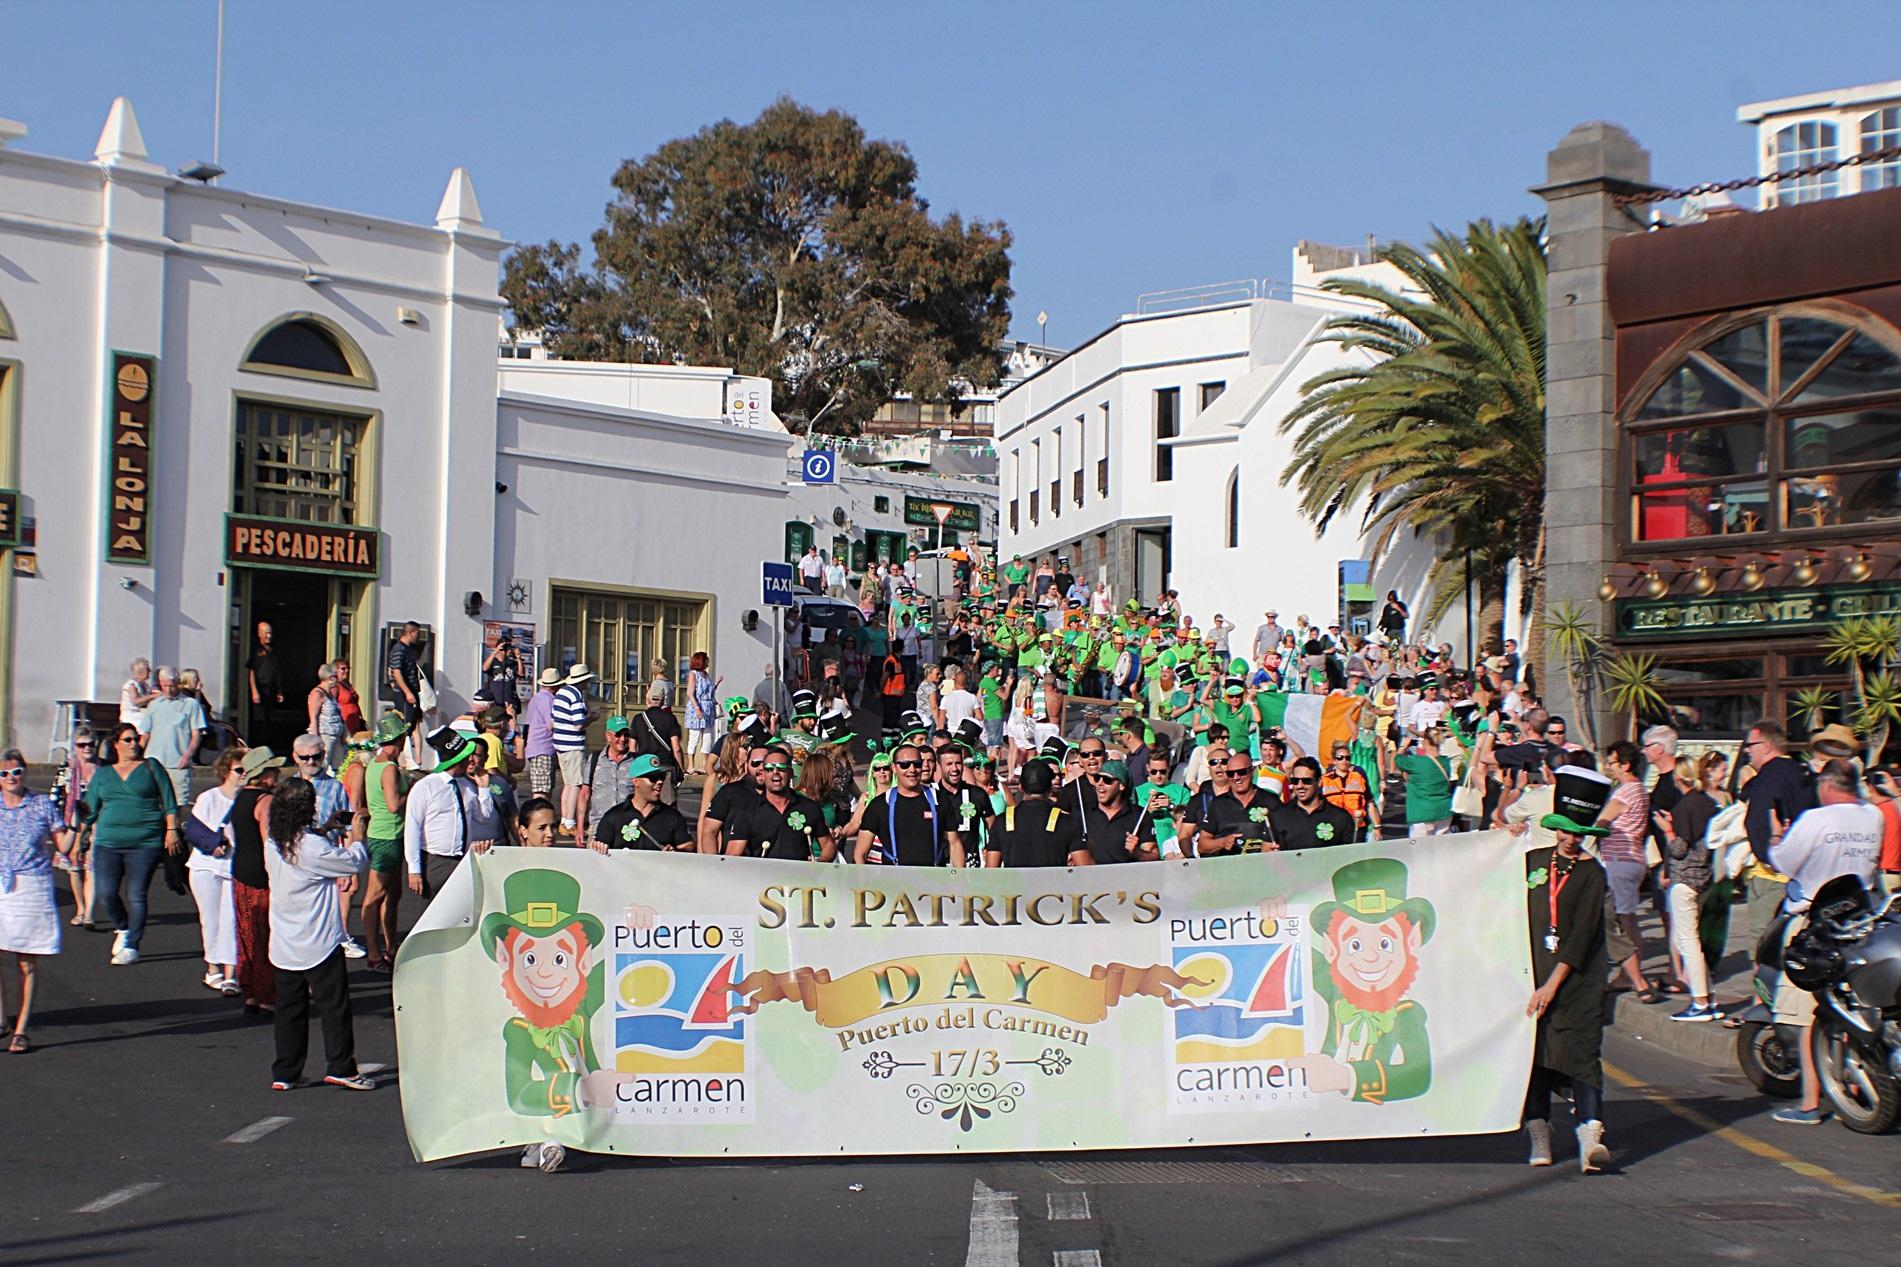 Puerto del Carmen celebra la festividad de St. Patrick's Day con las buenas cifras del turismo irlandés